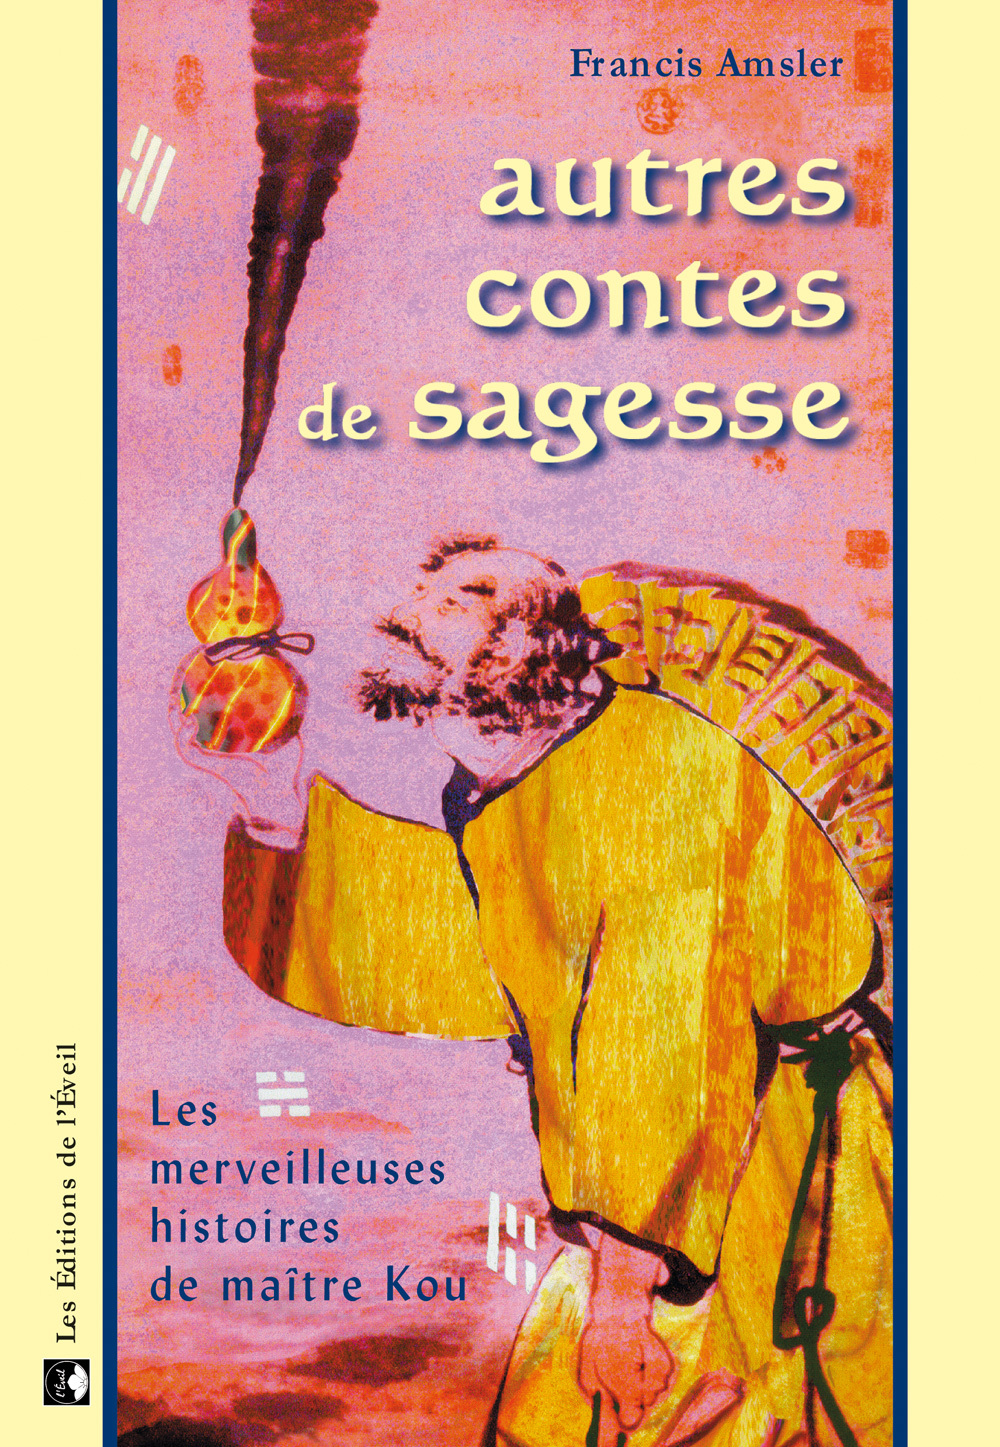 AUTRES CONTES DE SAGESSE - LES MERVEILLEUSES HISTOIRES DE MAITRE KOU